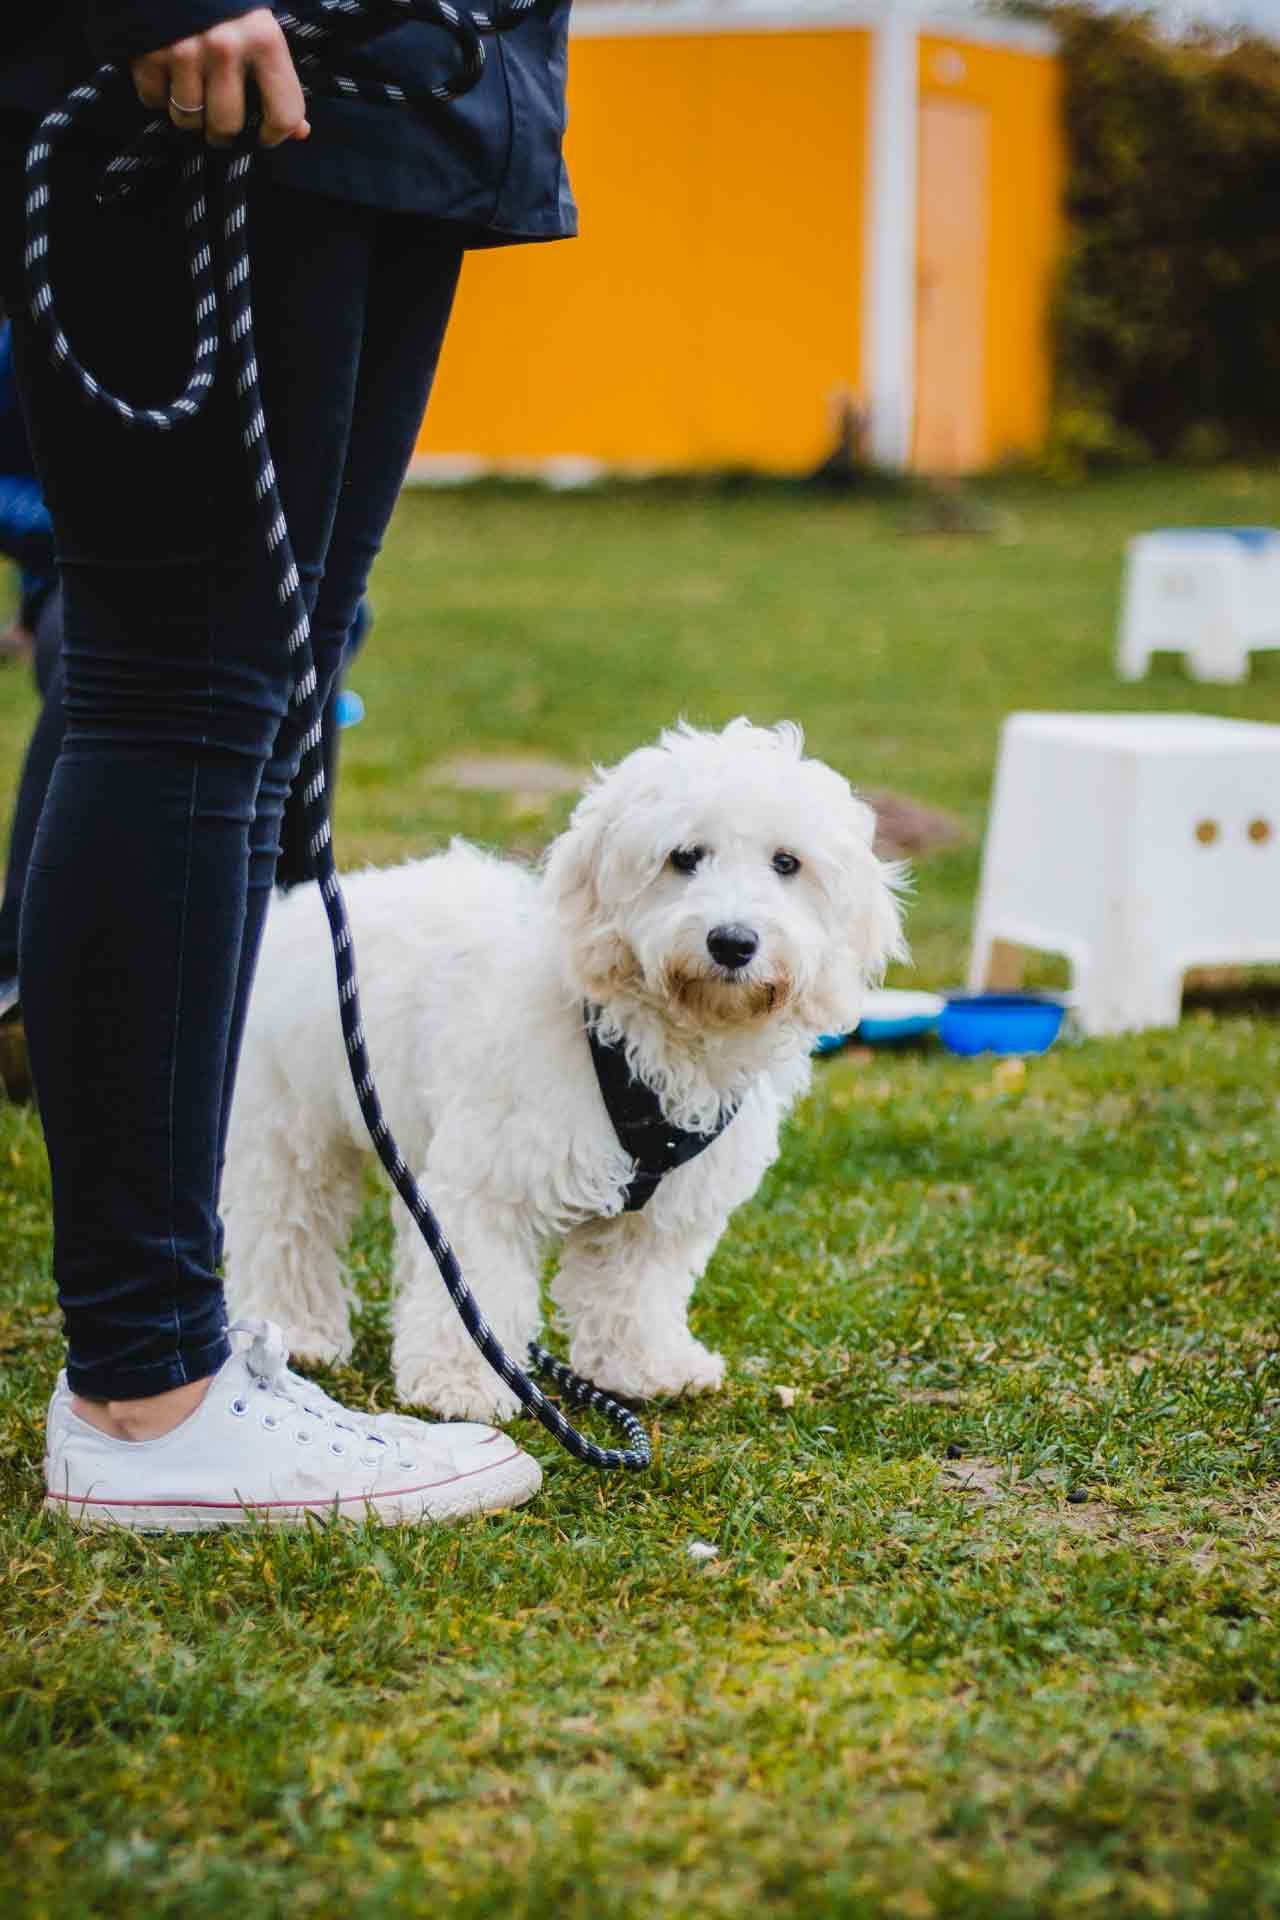 hundpunkt_hundeschule_muenster-ibbenbueren-einzeltraining-malteser